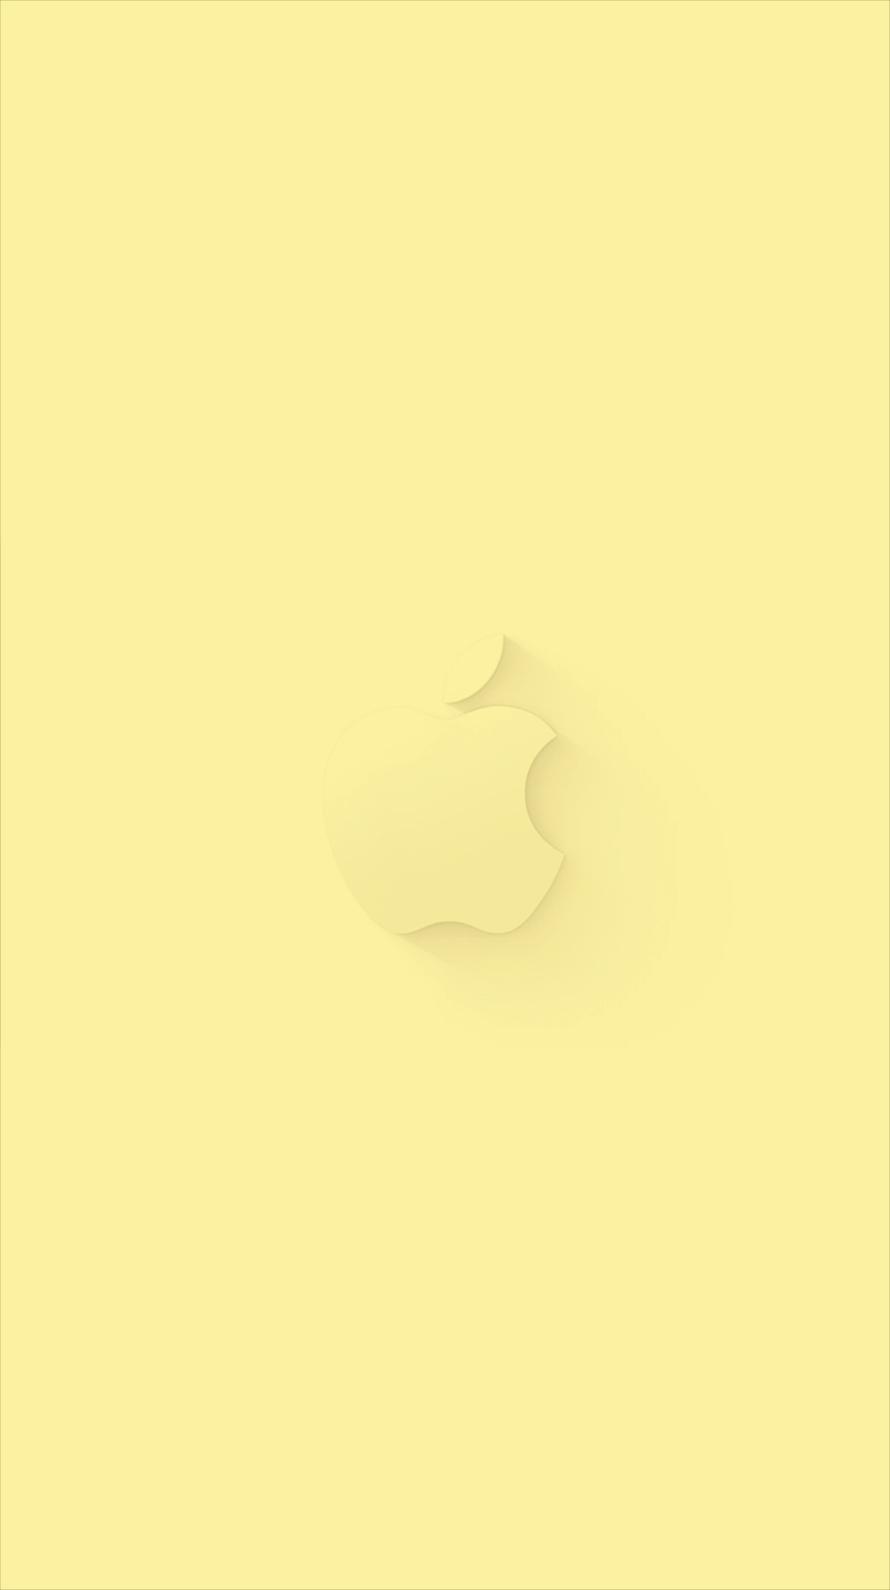 薄黄色 アップルマーク iPhone6壁紙